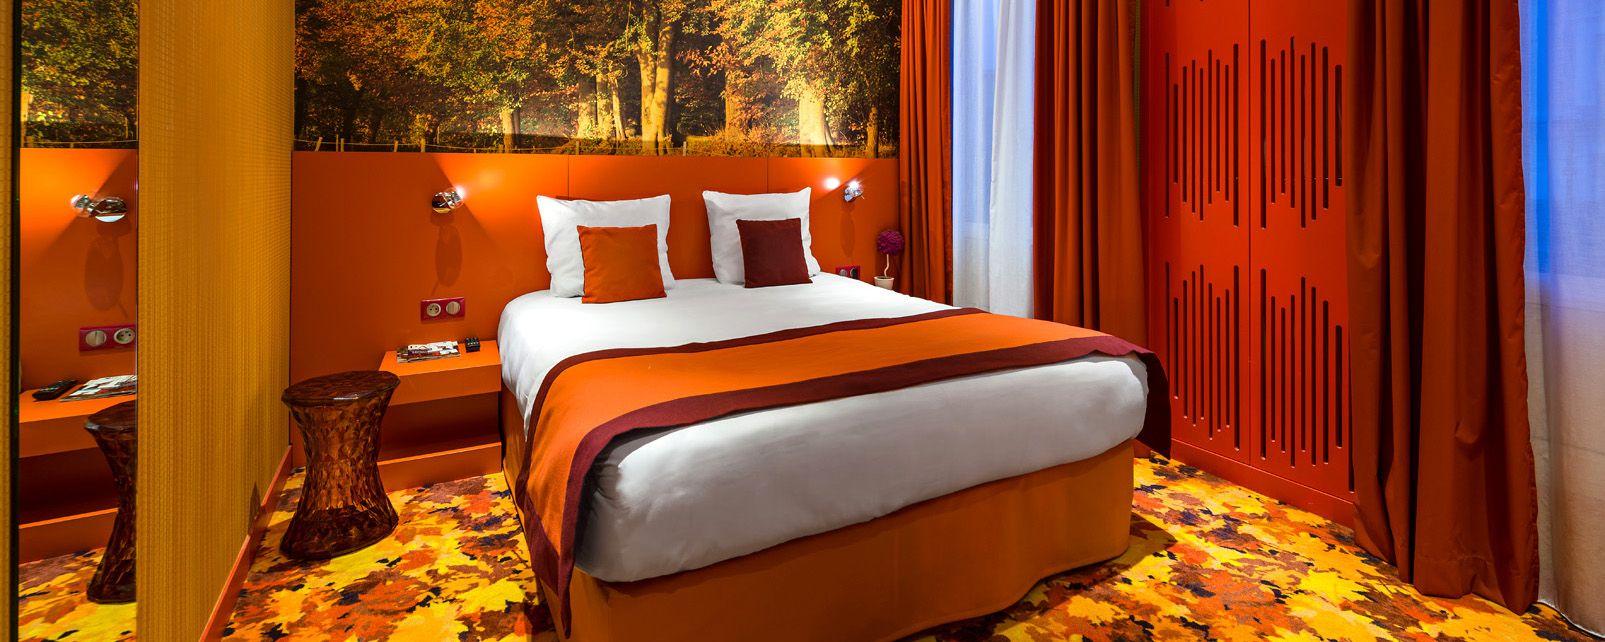 H tel les jardins de paris montmartre for Les jardins de paris hotel